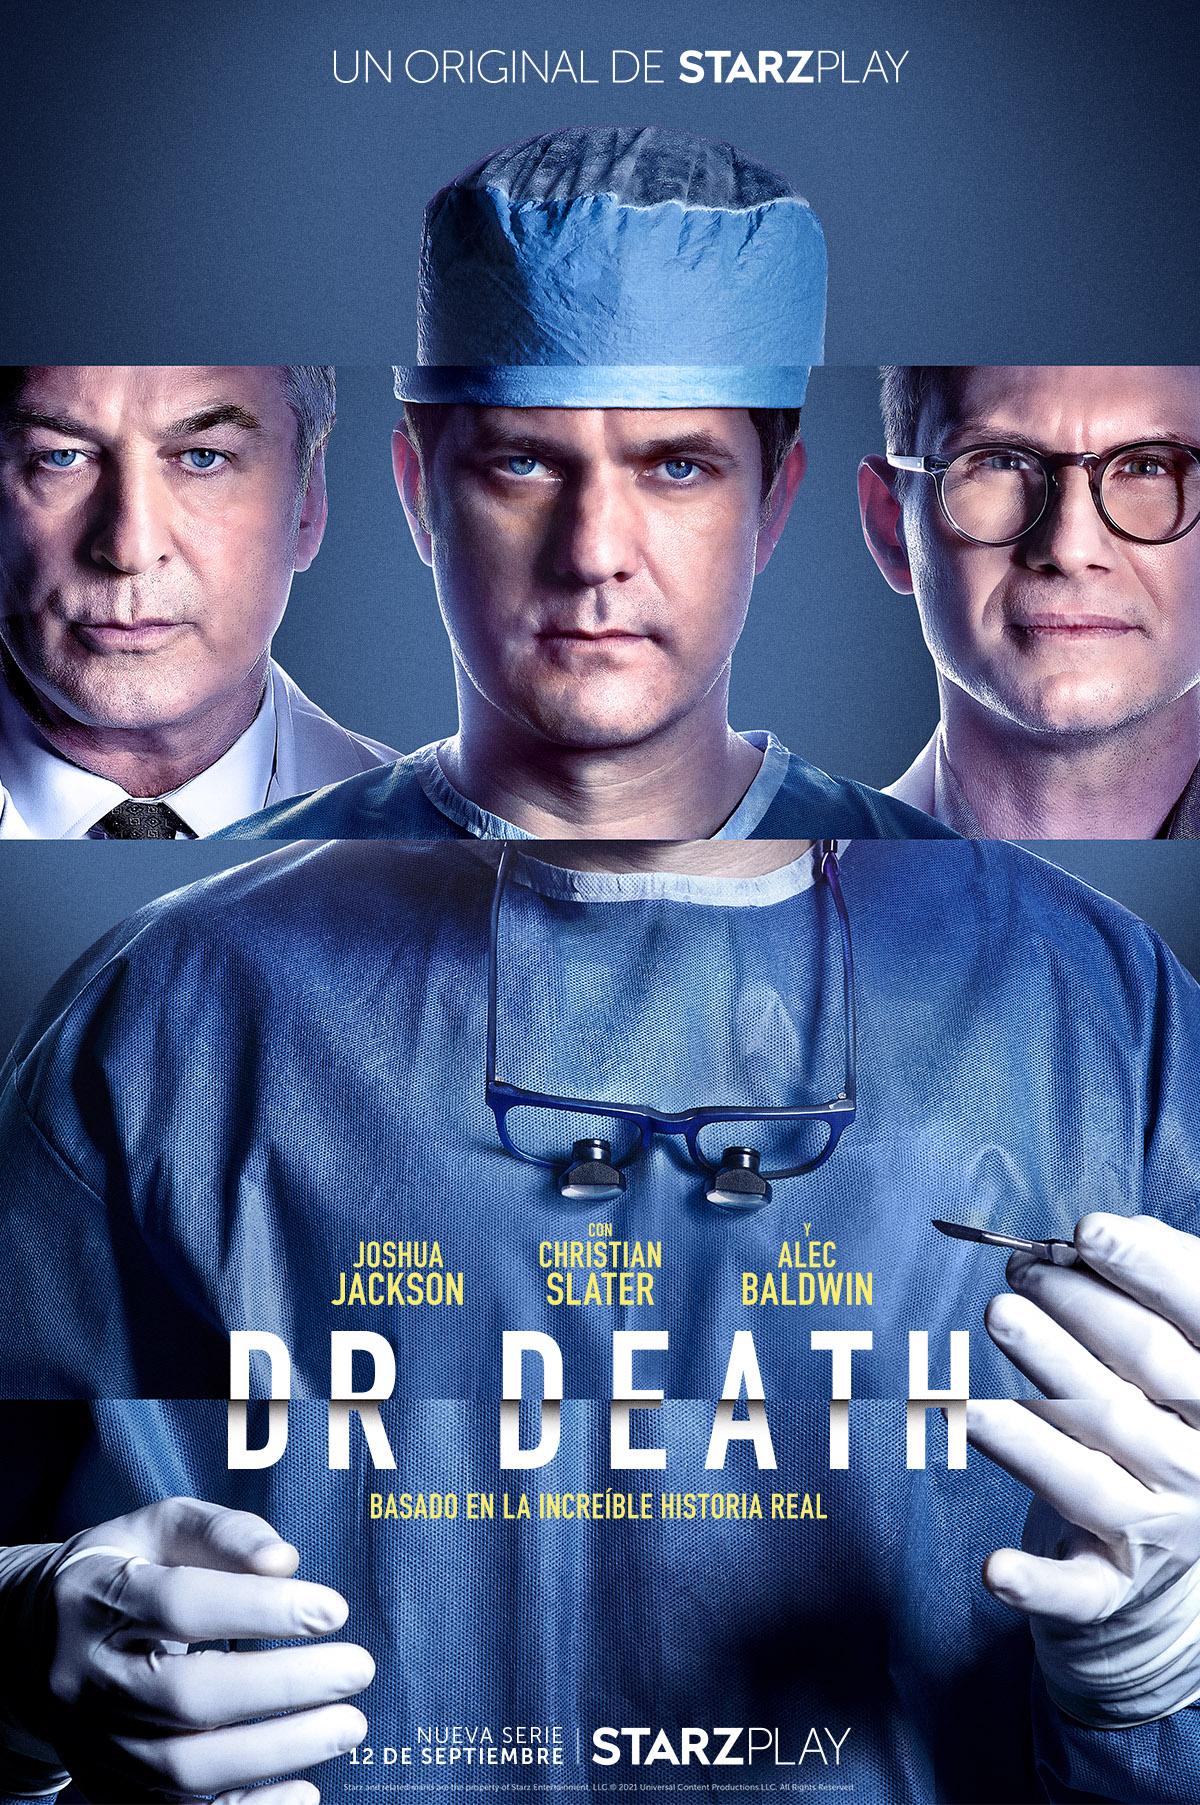 STARZPLAY presenta el nuevo trailer de Dr. Death, serie que se estrenará el próximo 12 de septiembre en determinados territorios de Europa y América Latina